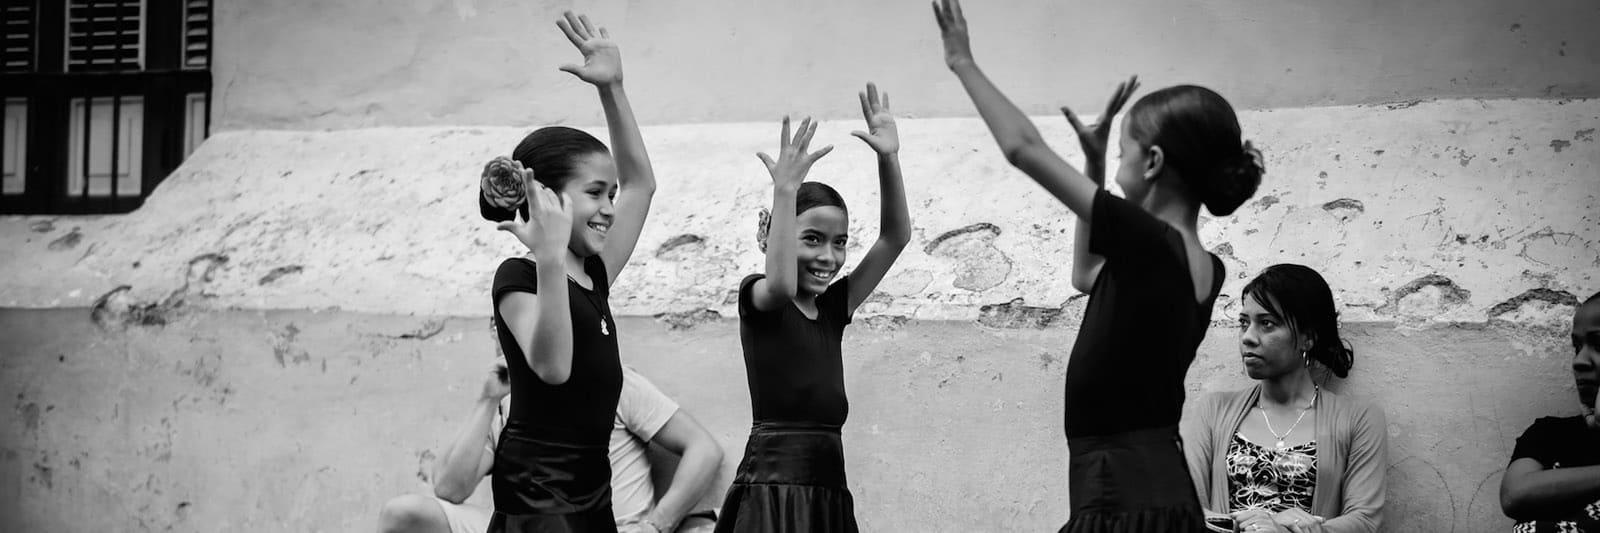 Dance Culture in Cuba